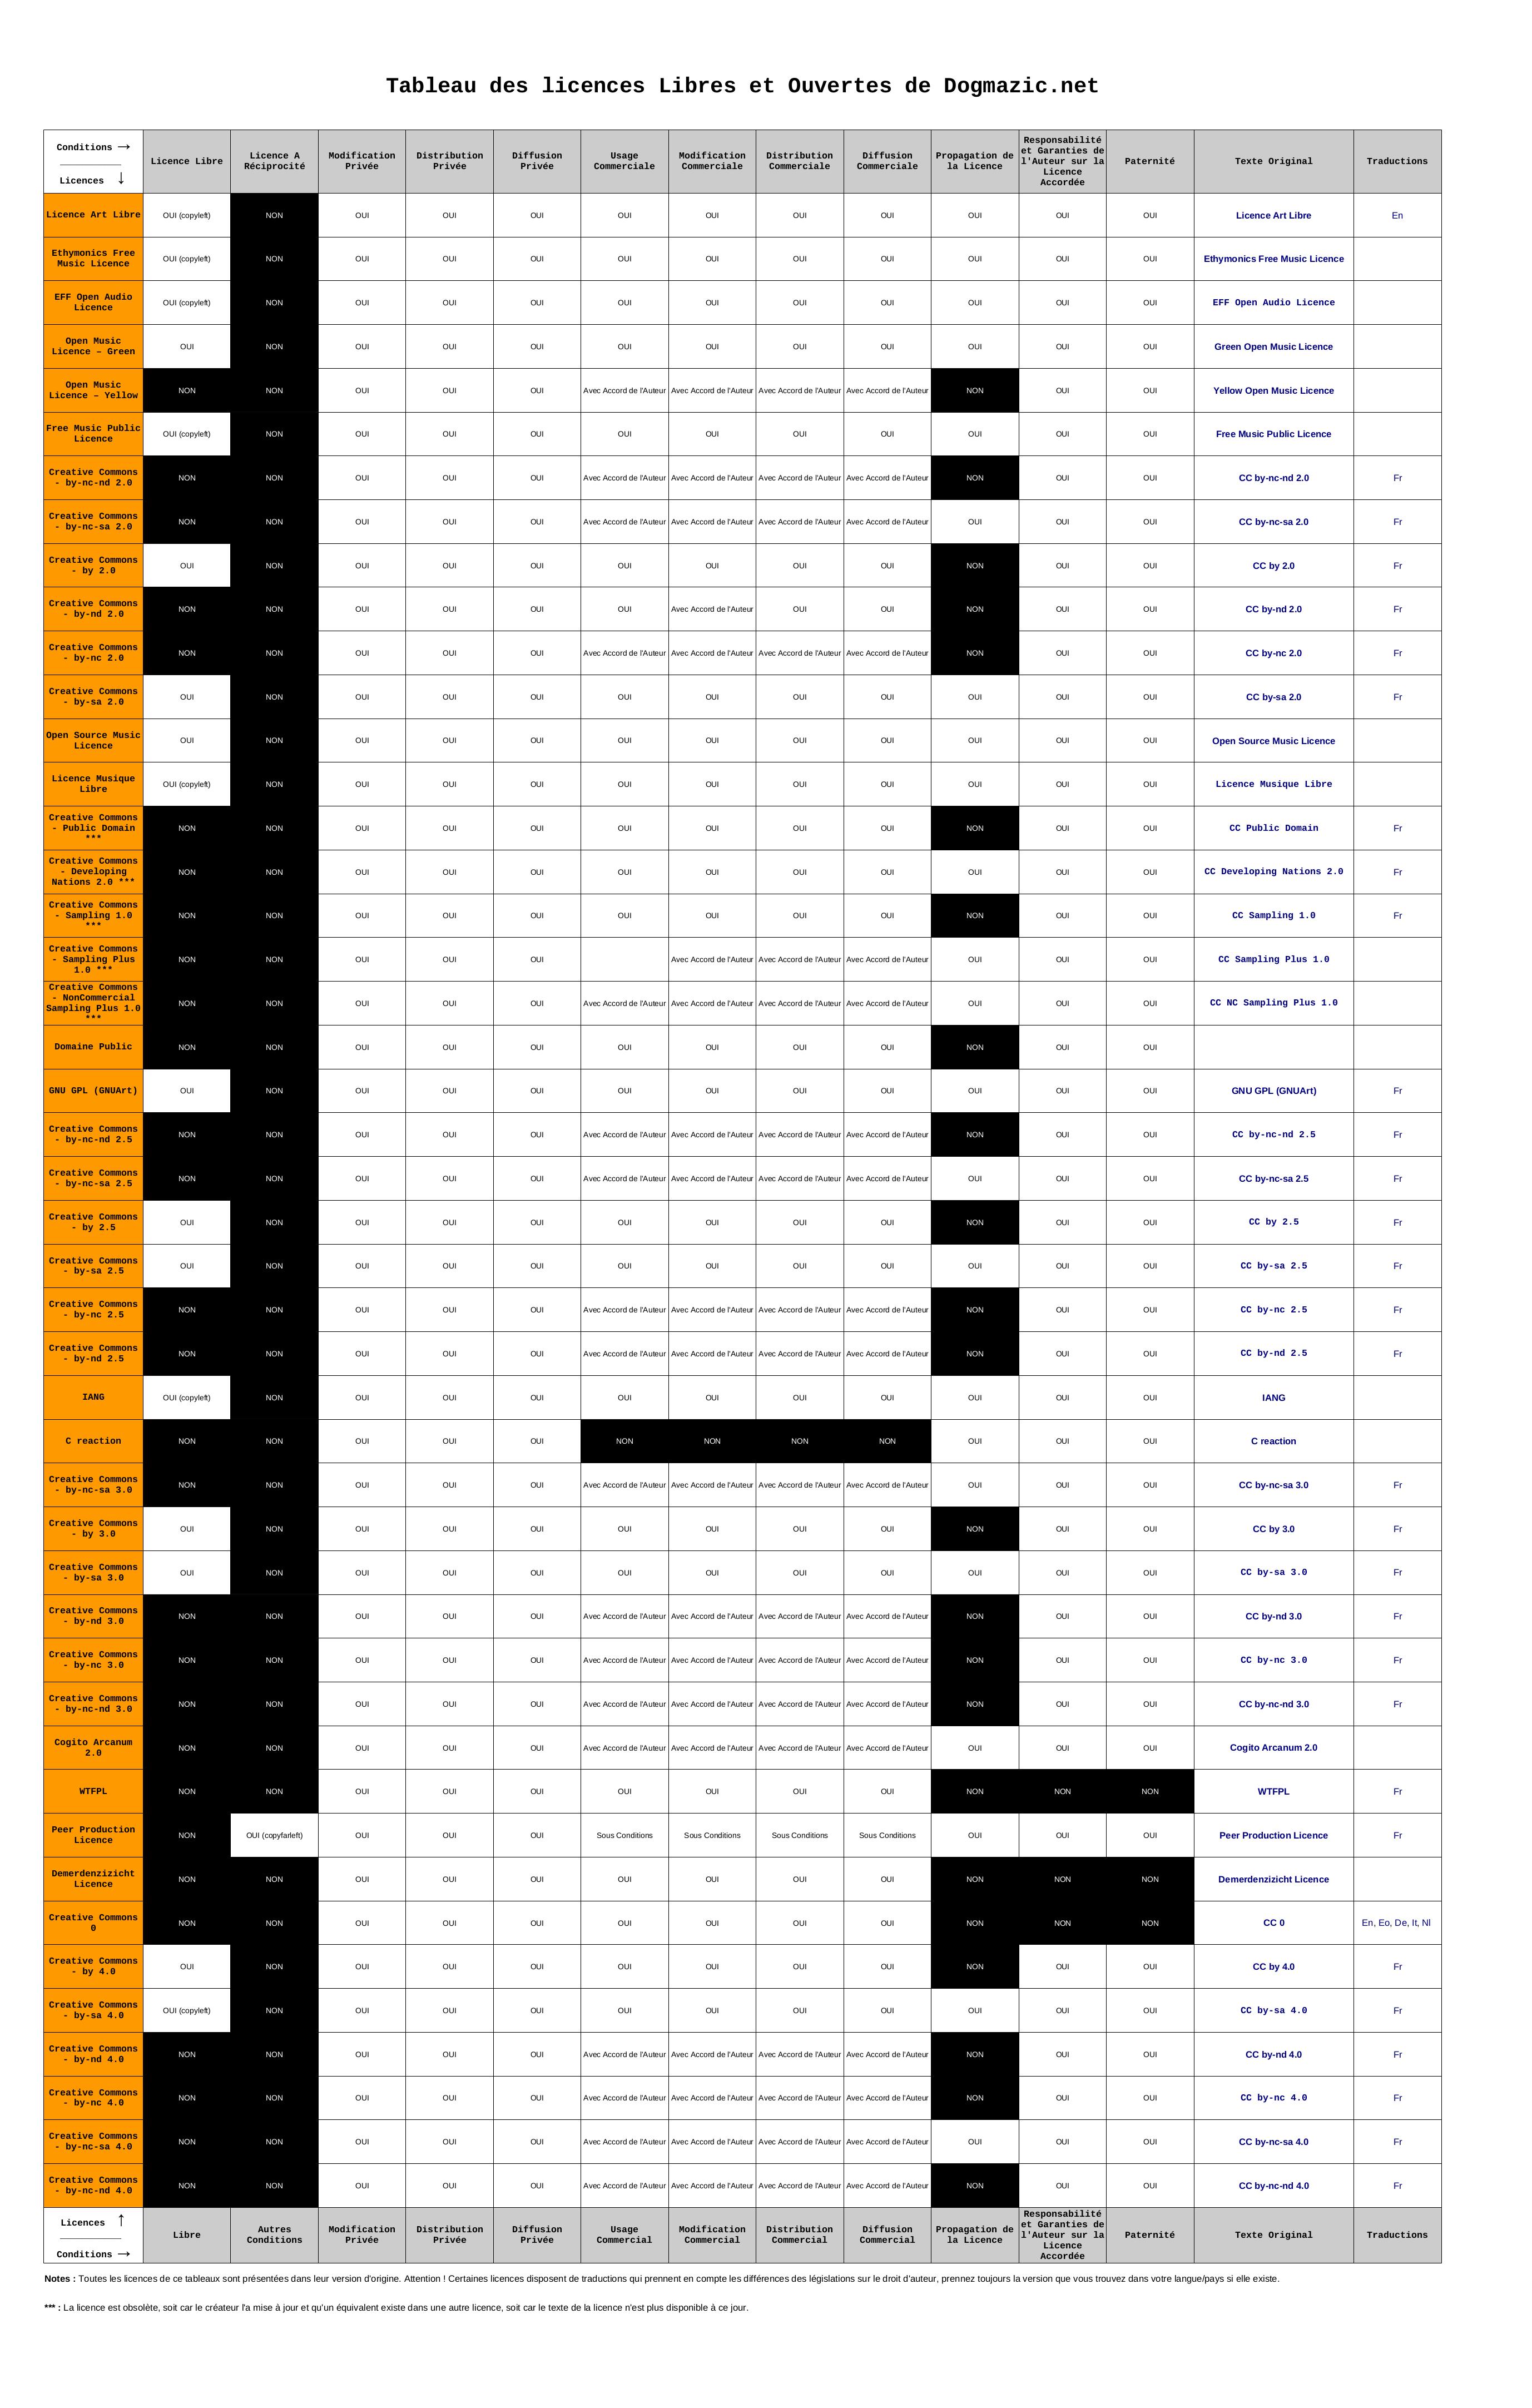 Le tableau des Licences Libres et Ouvertes de Dogmazic | Documentation